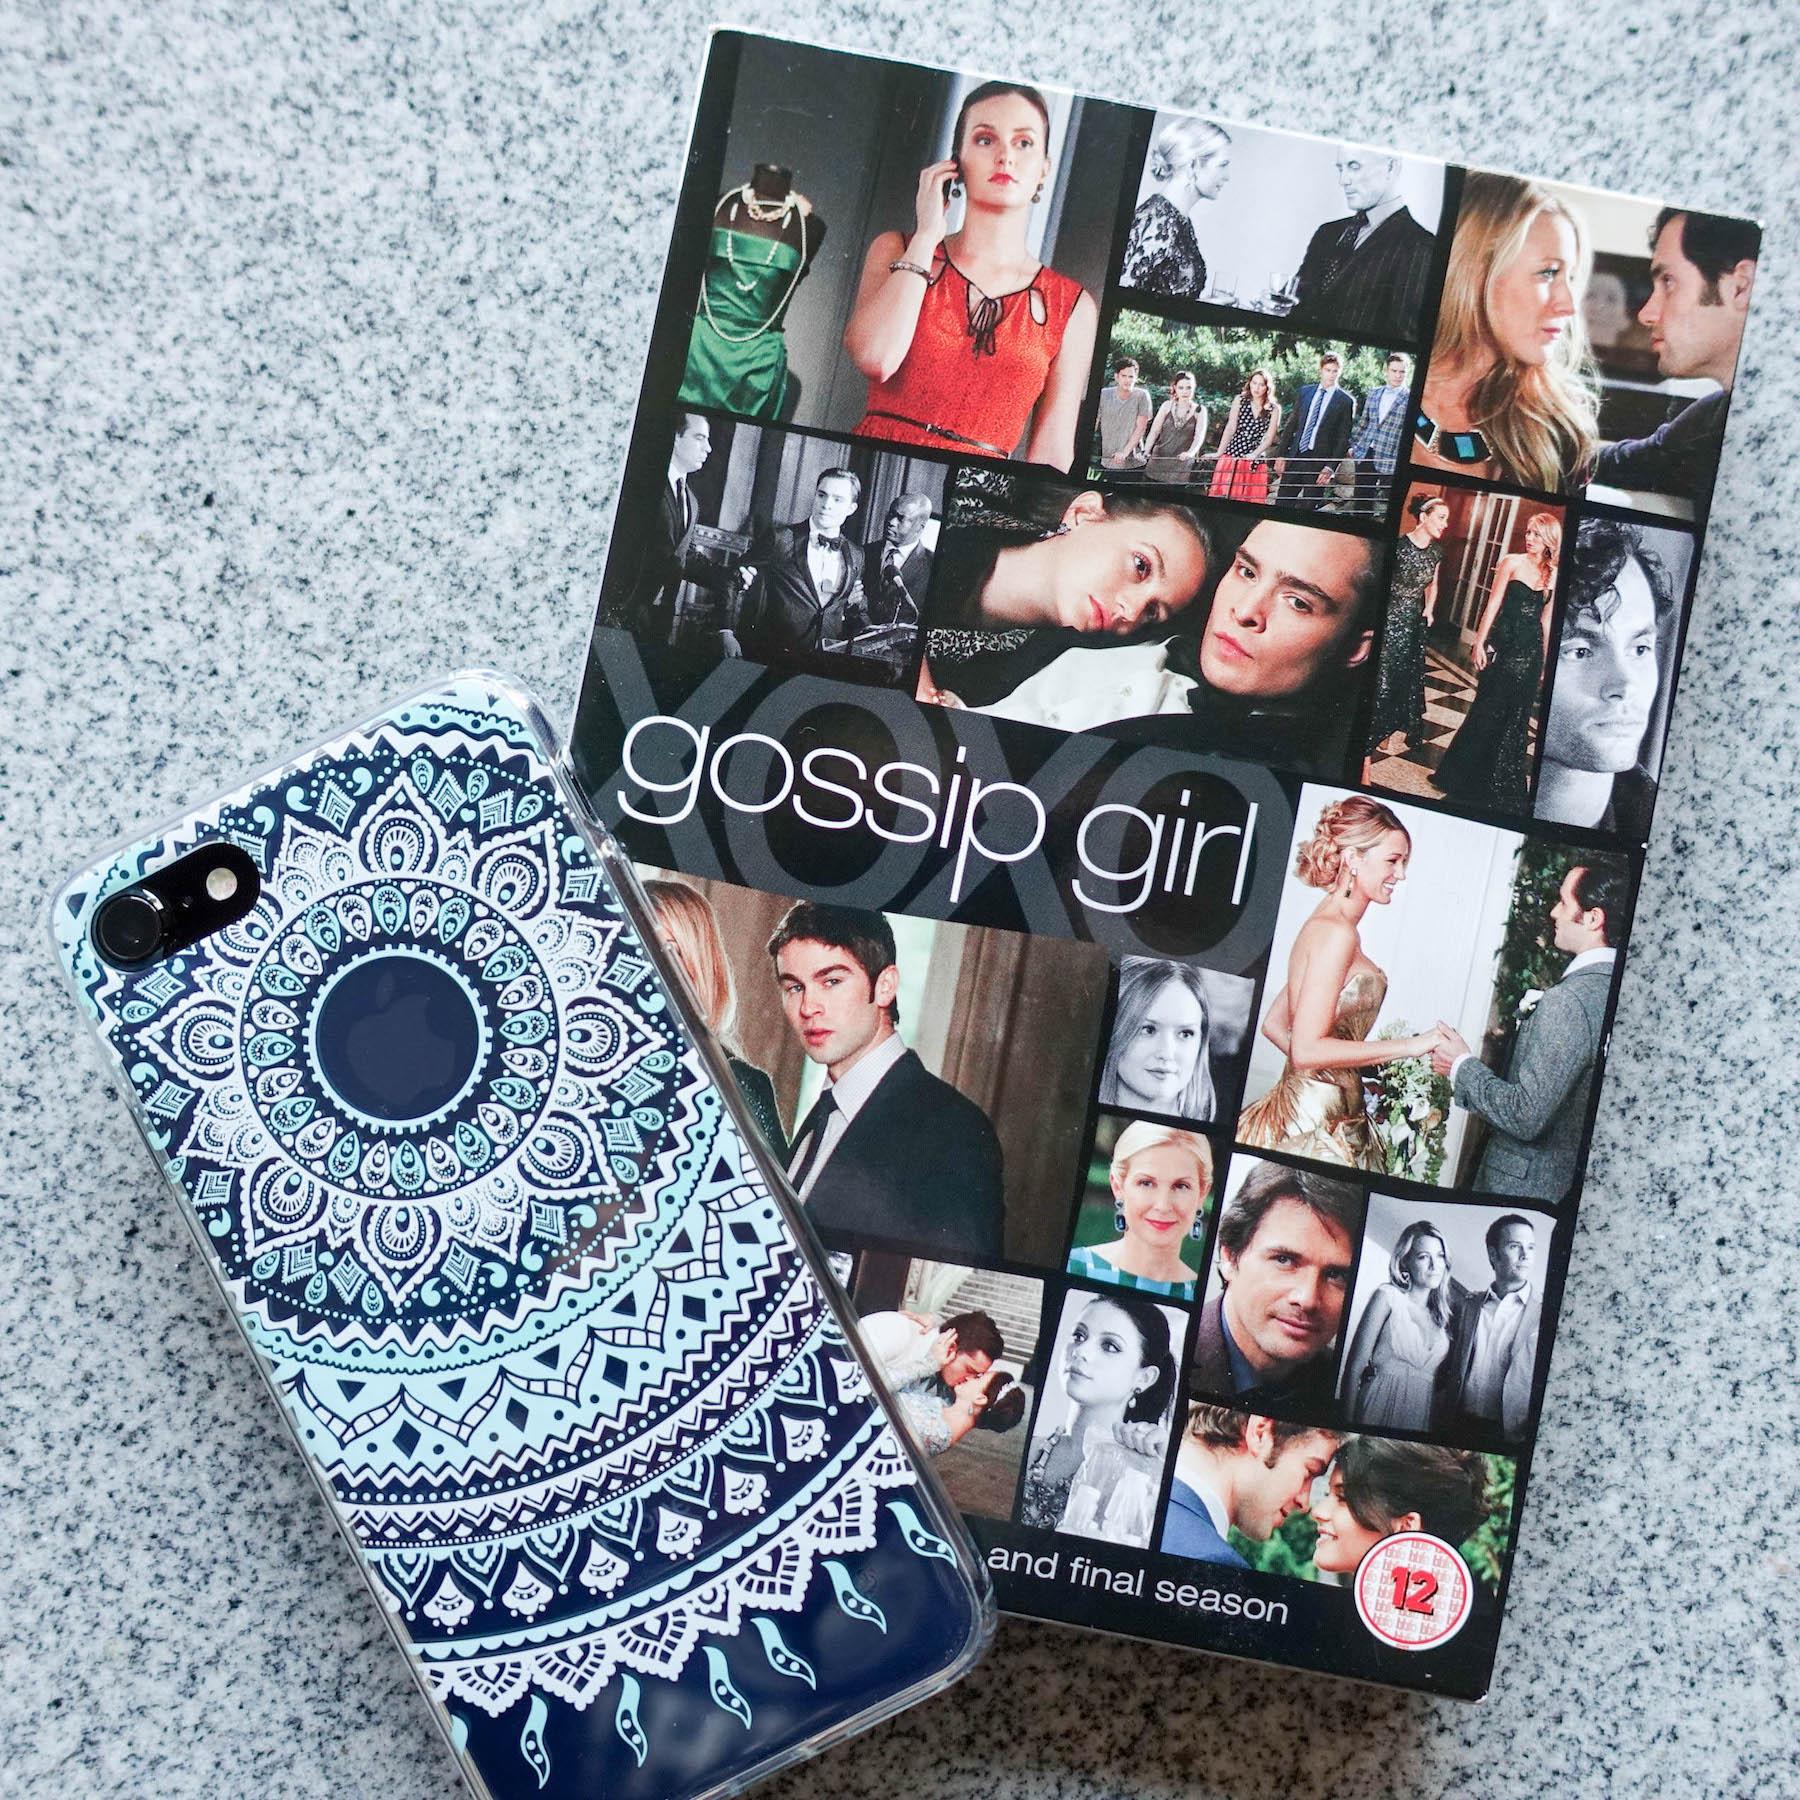 gossip girl instagram suelovesnyc_susan_fengler_sue_loves_nyc_instagram_gossip_girl